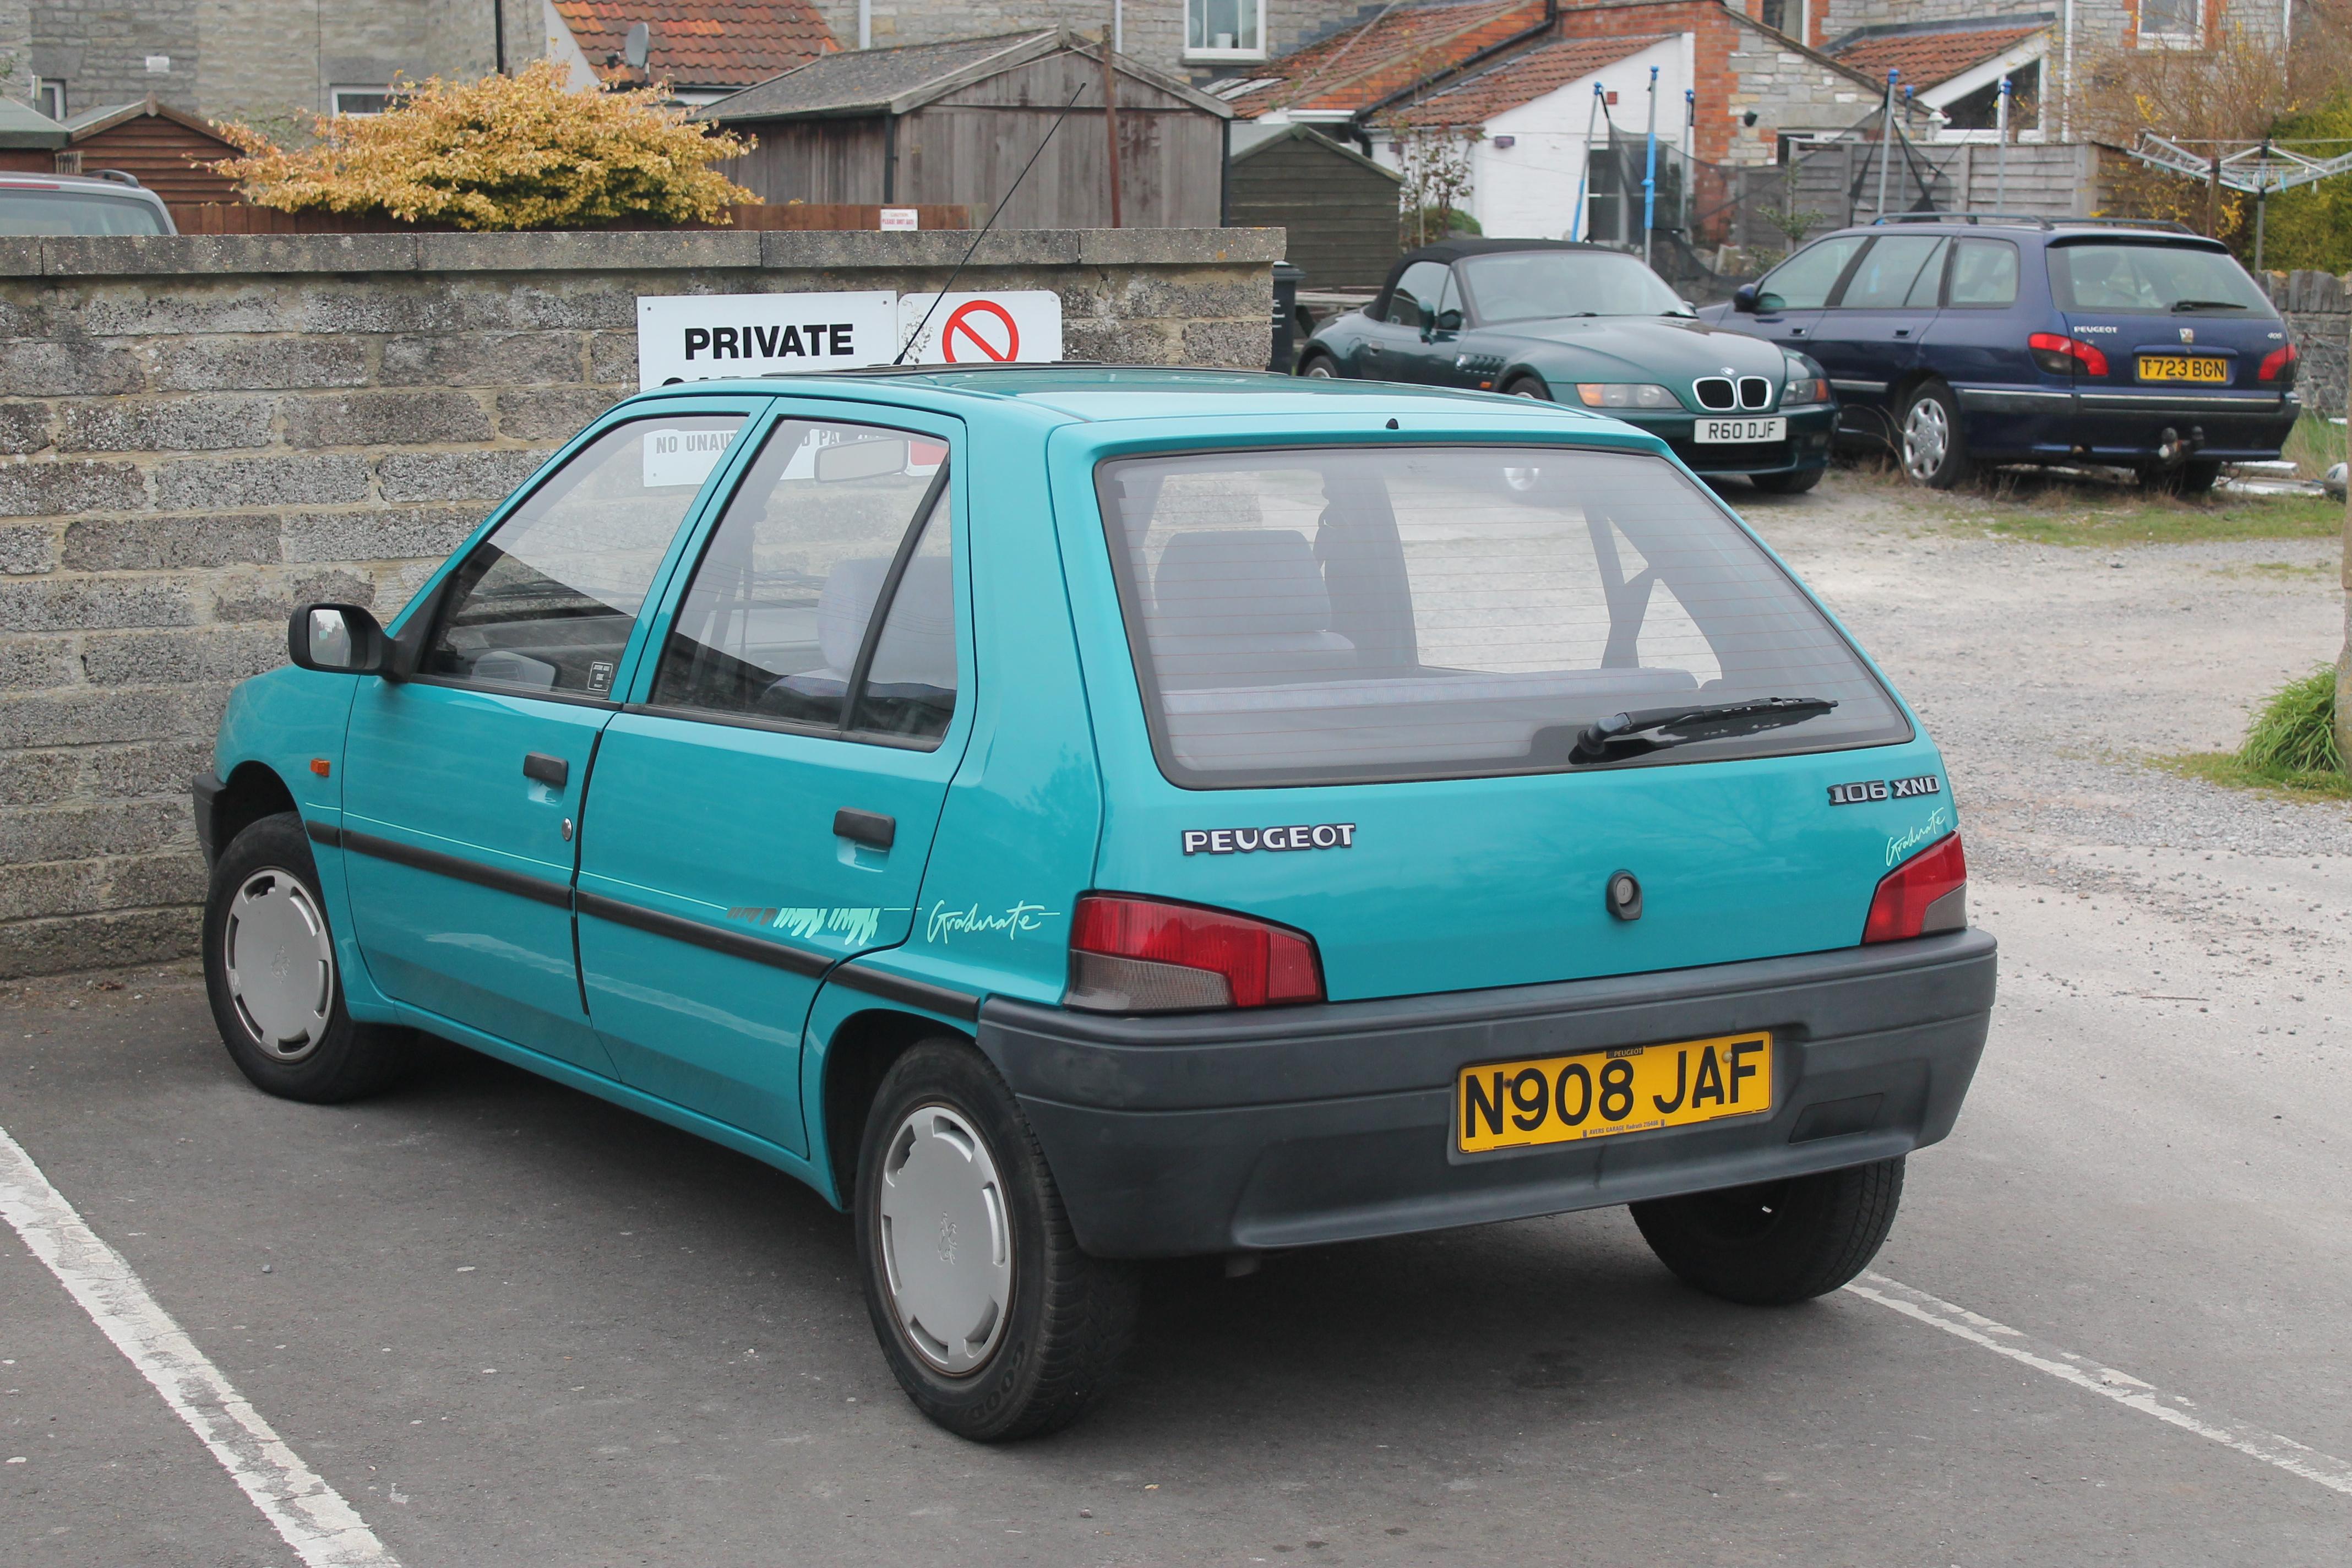 peugeot 106 i restyling 1996 2003 hatchback 3 door outstanding cars rh carsot com Peugeot 206 Peugeot 107